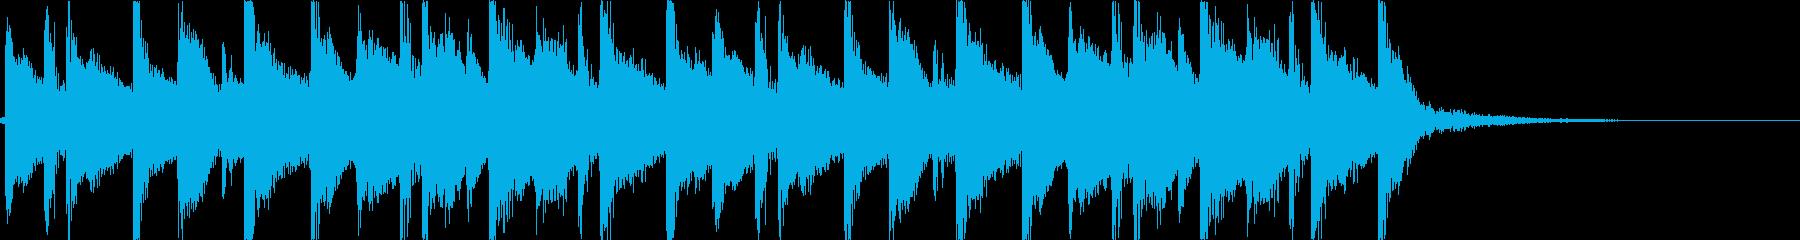 おしゃれ・幻想的・切ないEDMジングルの再生済みの波形